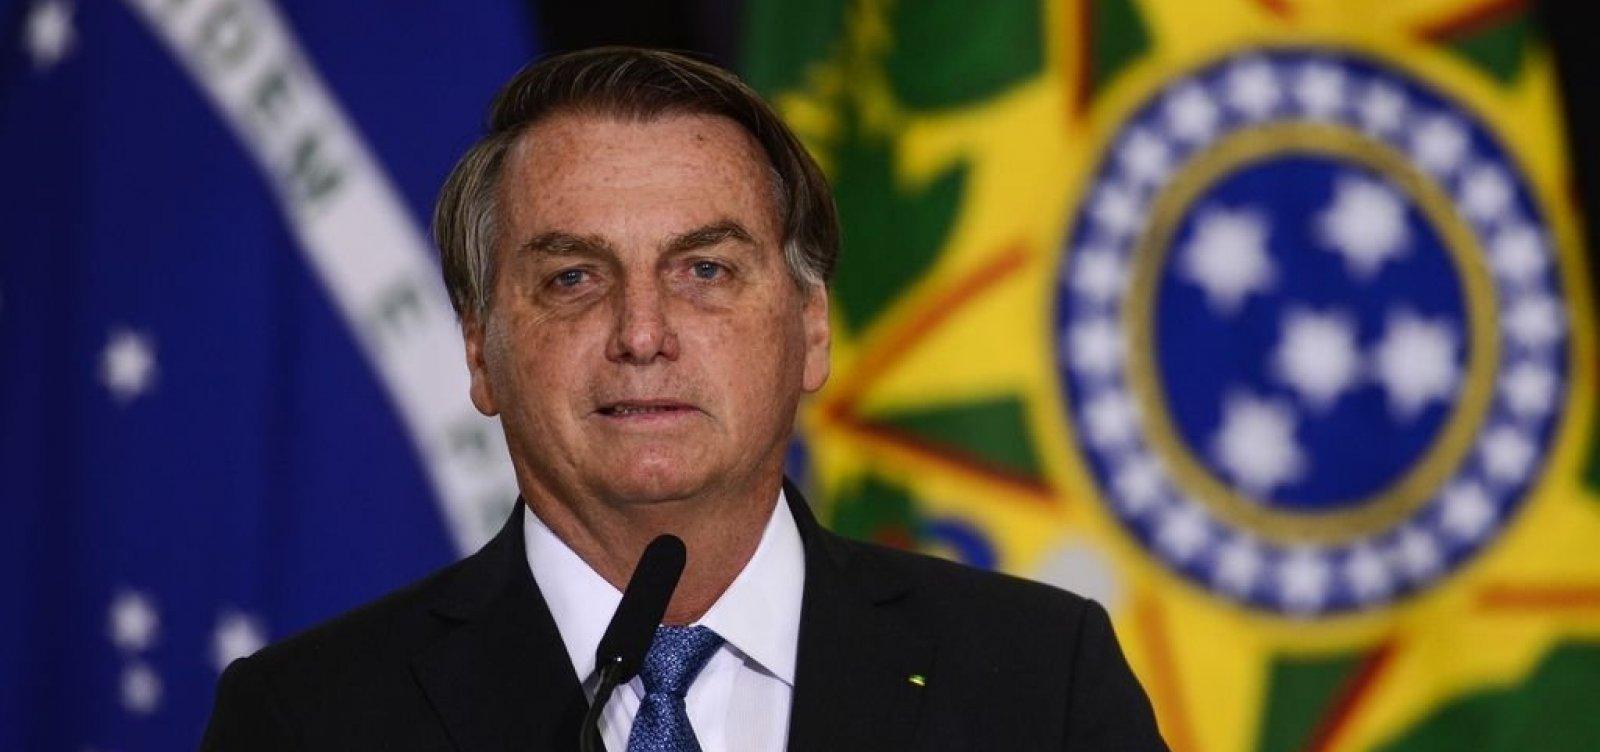 Metade dos brasileiros diz acreditar que Bolsonaro pode dar golpe, aponta Datafolha